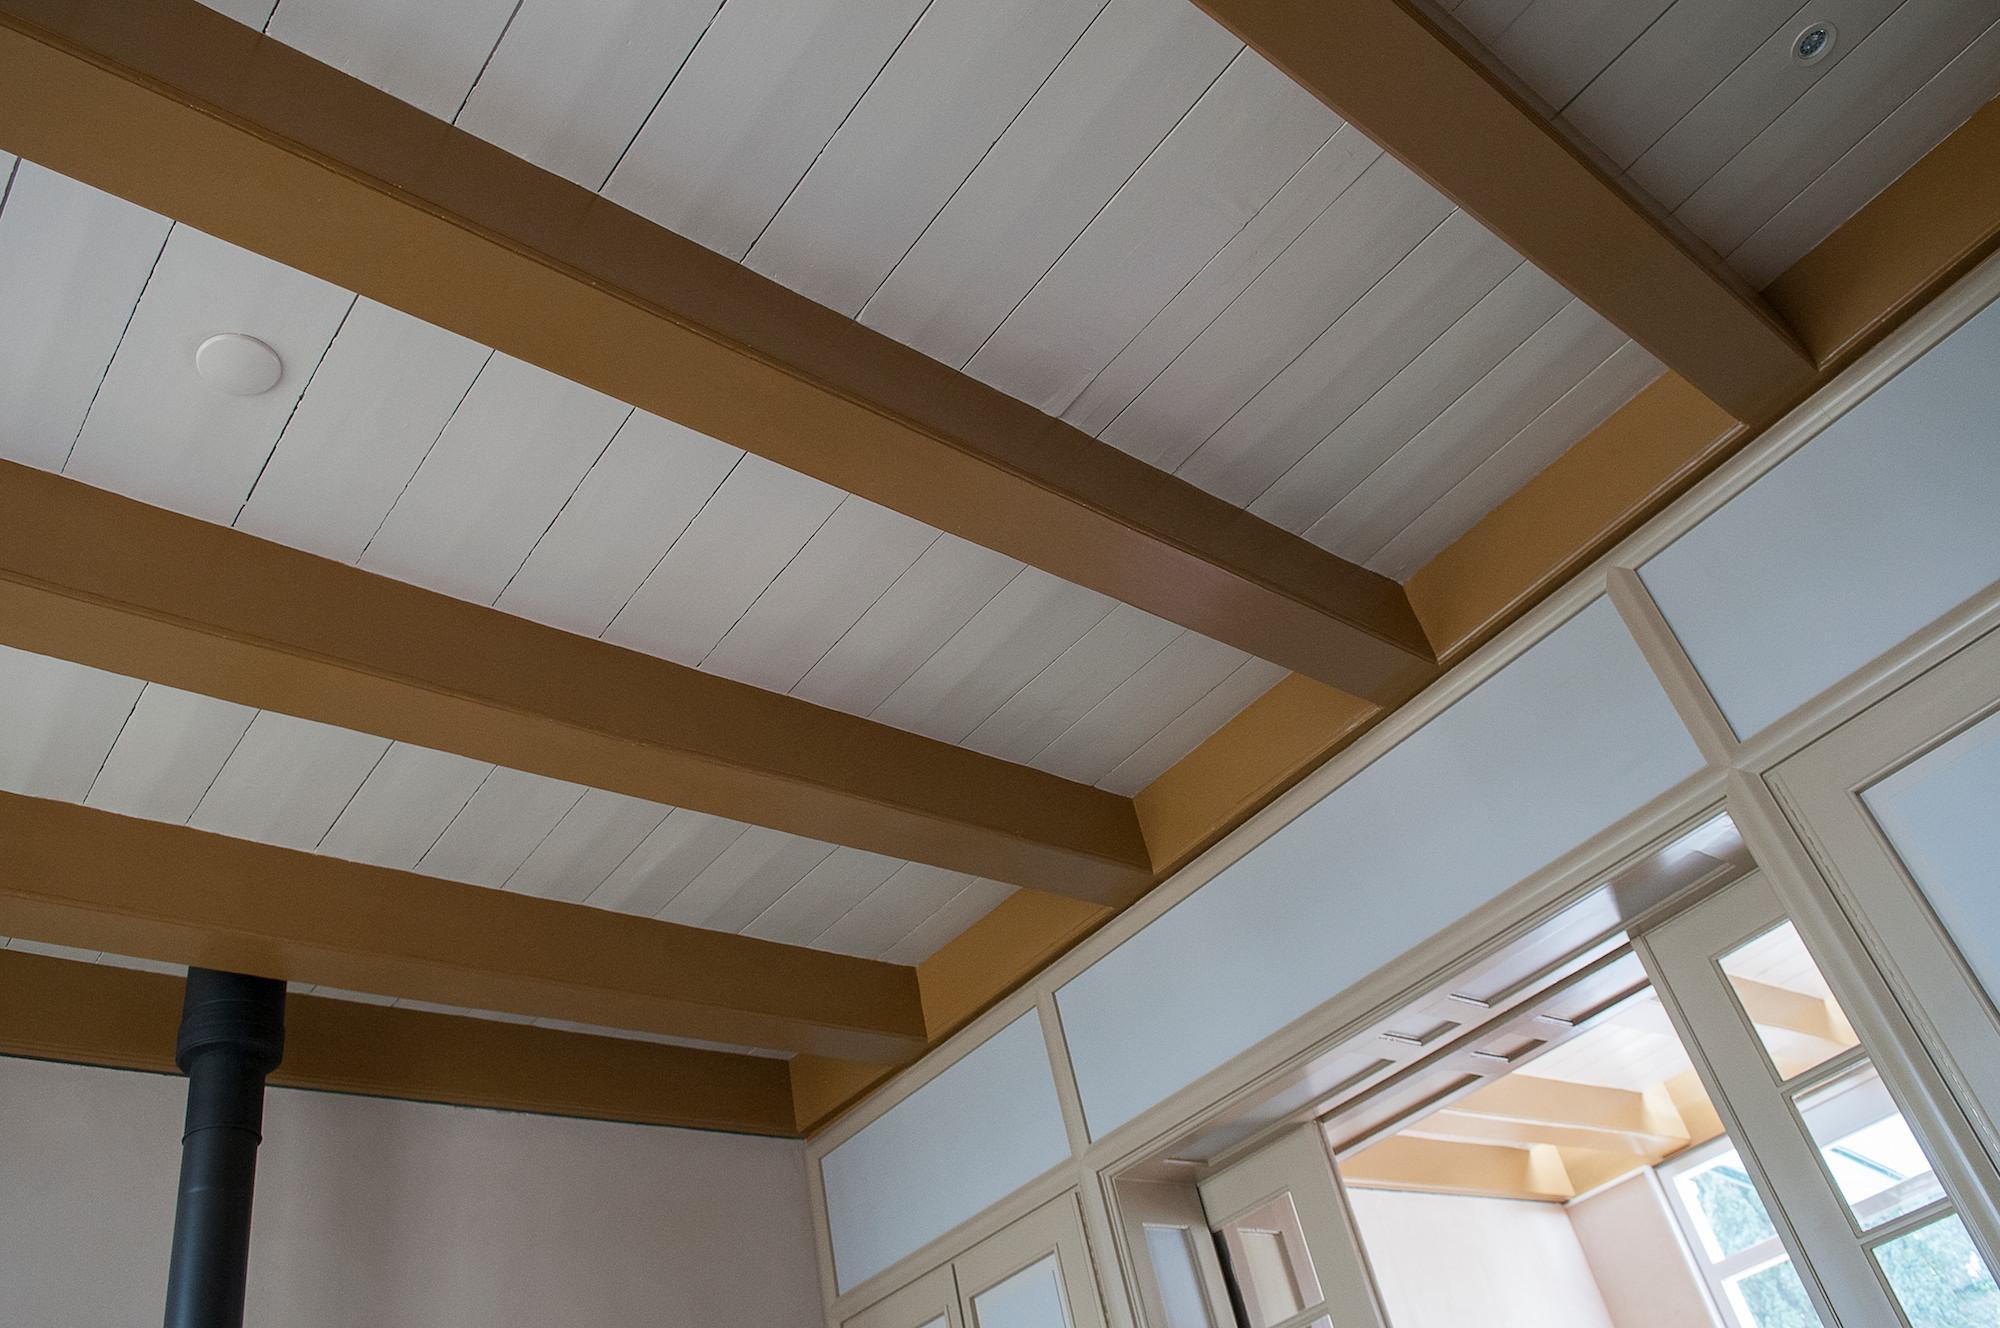 Plafonds Woonkamer : Plafond woonkamer foto edward roussou